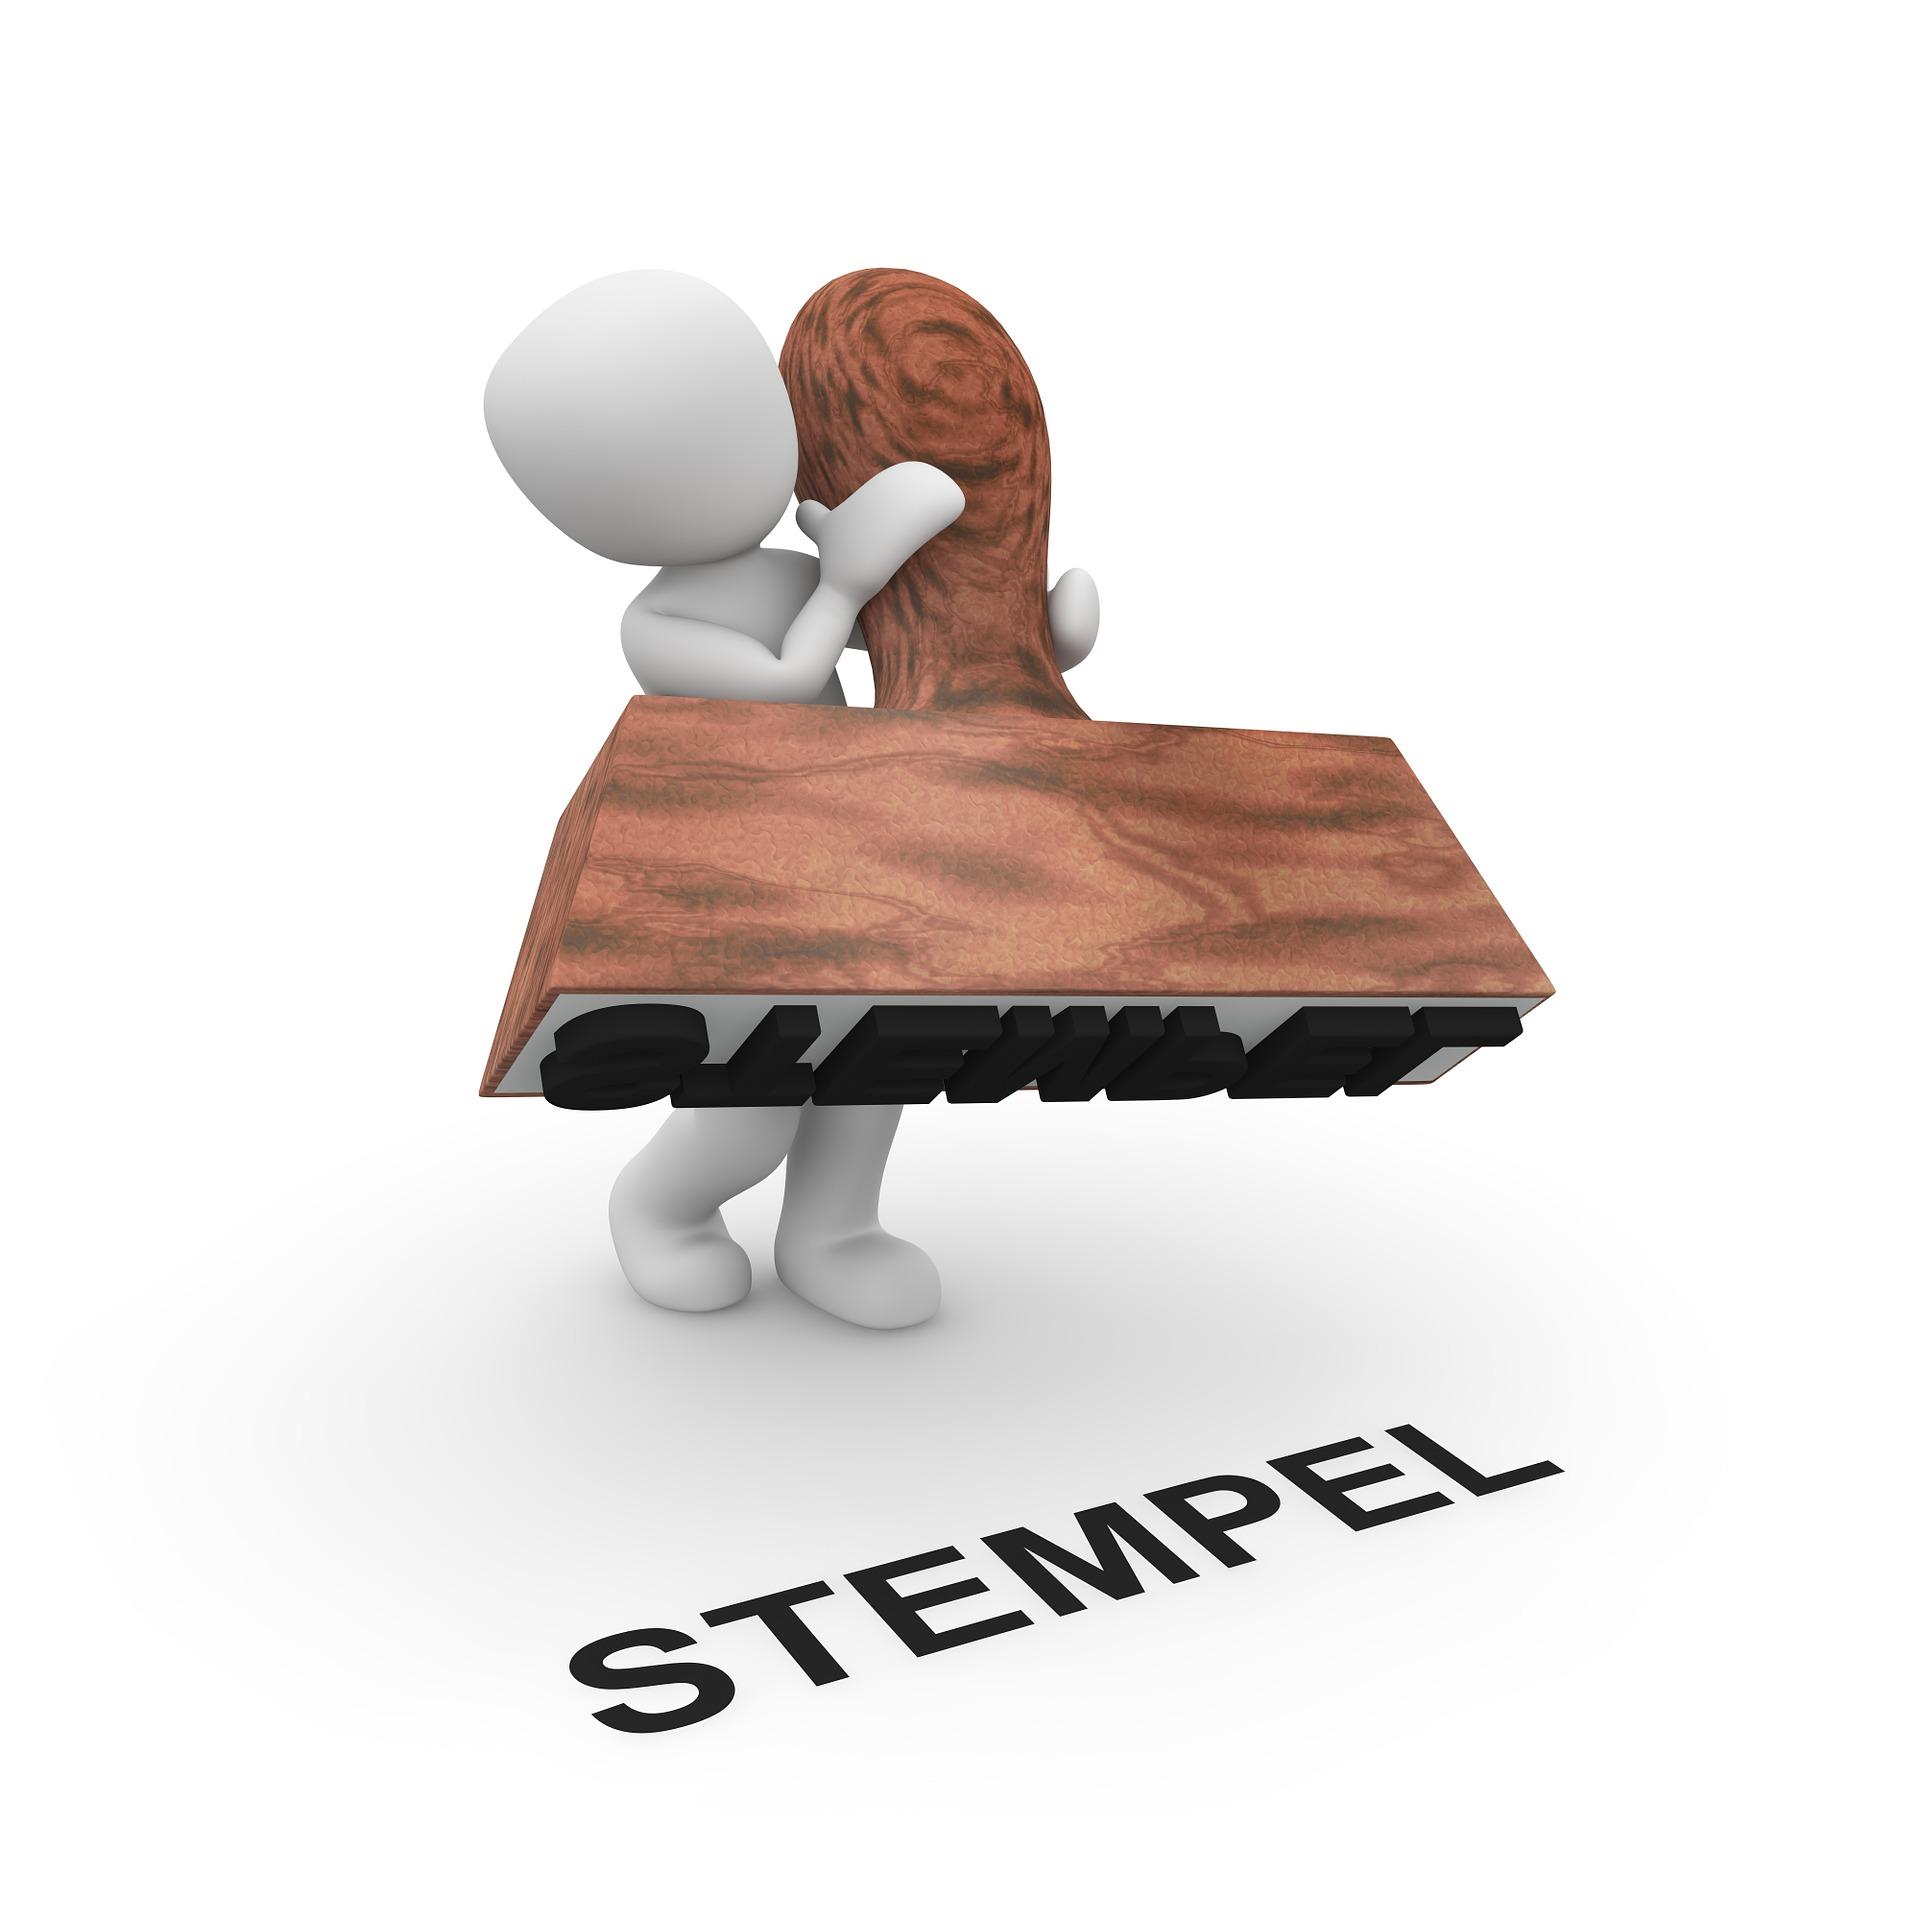 stamp-1015605_1920